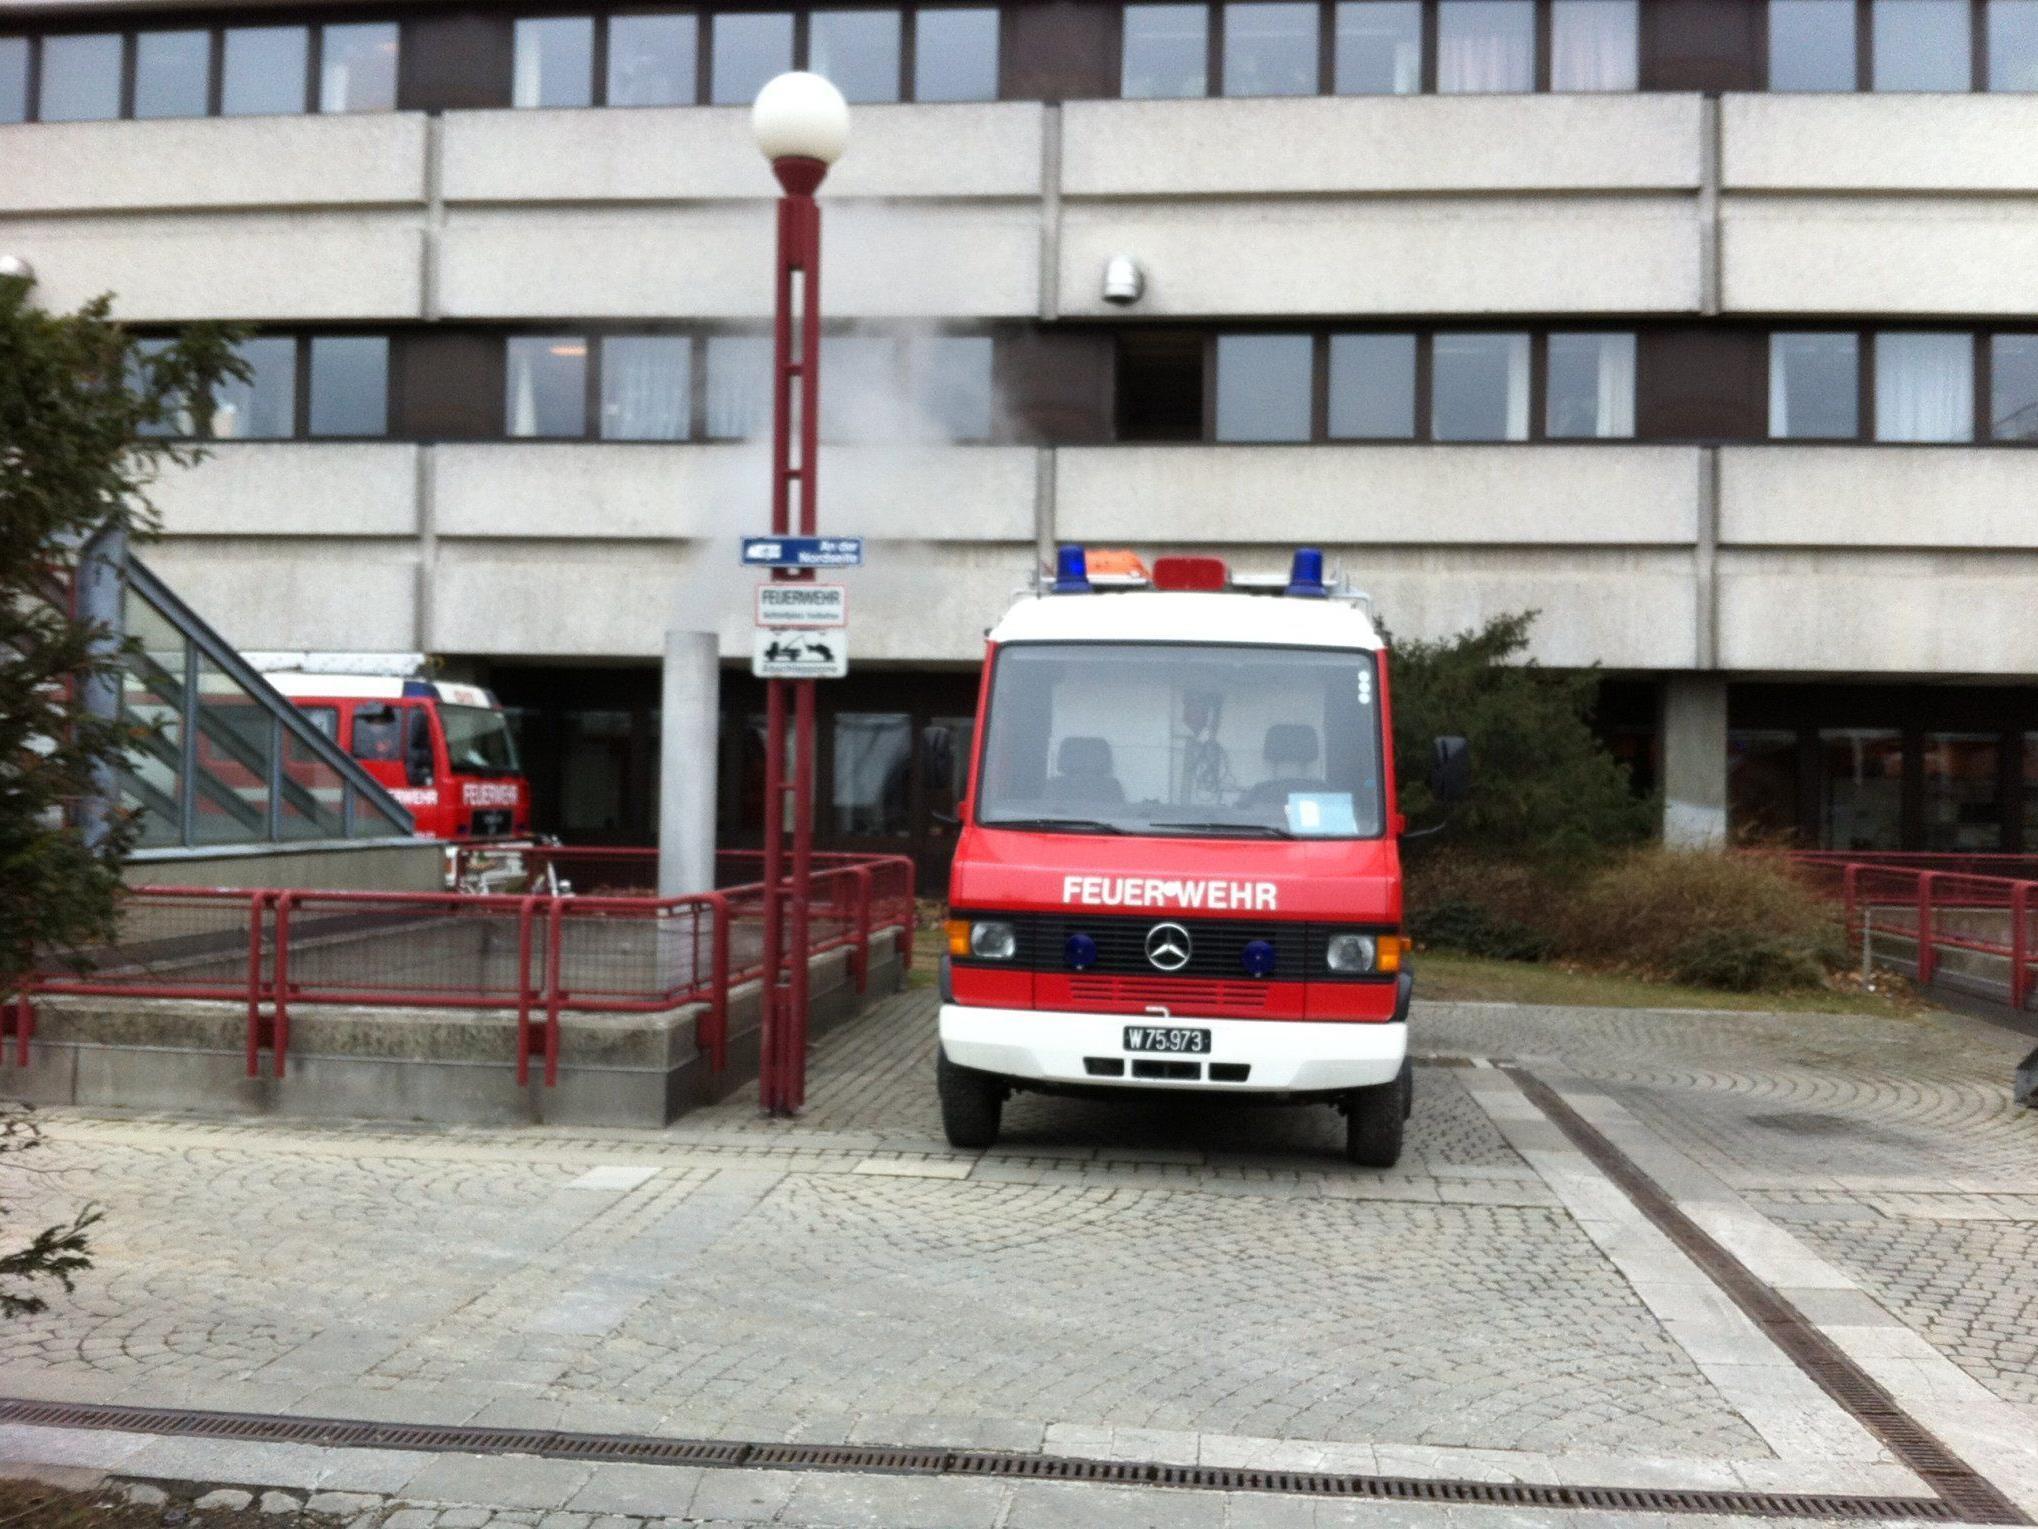 Rauchentwicklung, aber keinen Gasgeruch berichtet der Vienna.at Reporter vor Ort